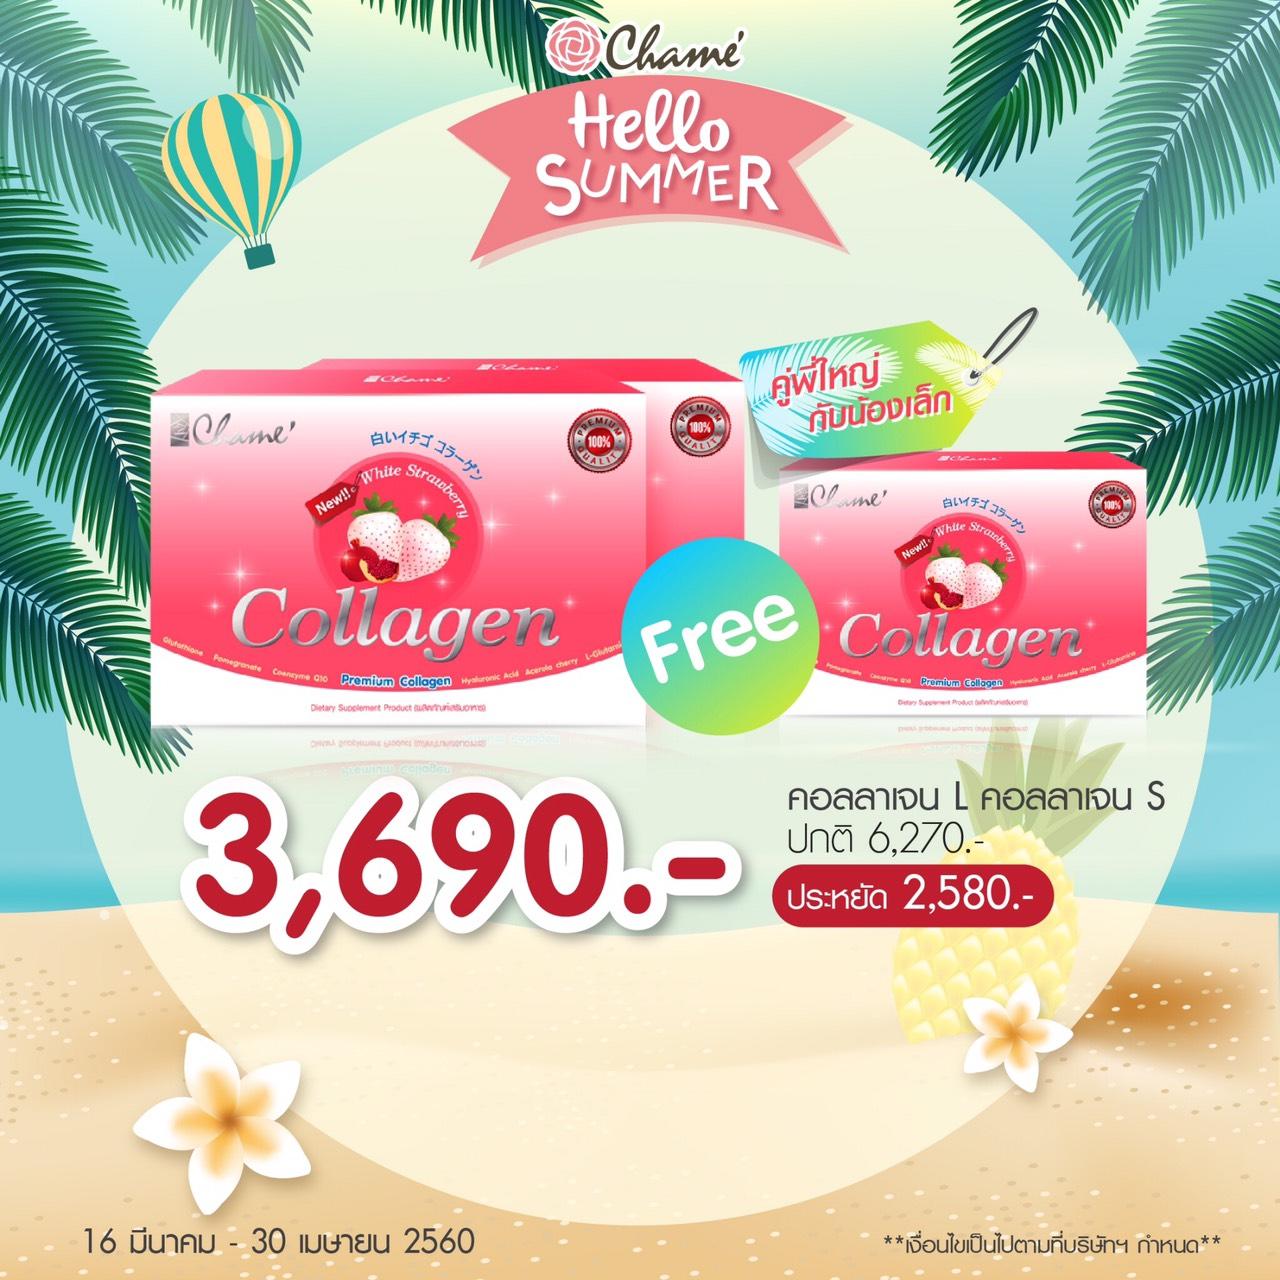 Chame Collagen White Strawberry (ชาเม่ คอลลาเจน 30 ซอง) 2 กล่อง แถม คอลลาเจนกล่องเล็ก (10 ซอง) 1 กล่อง